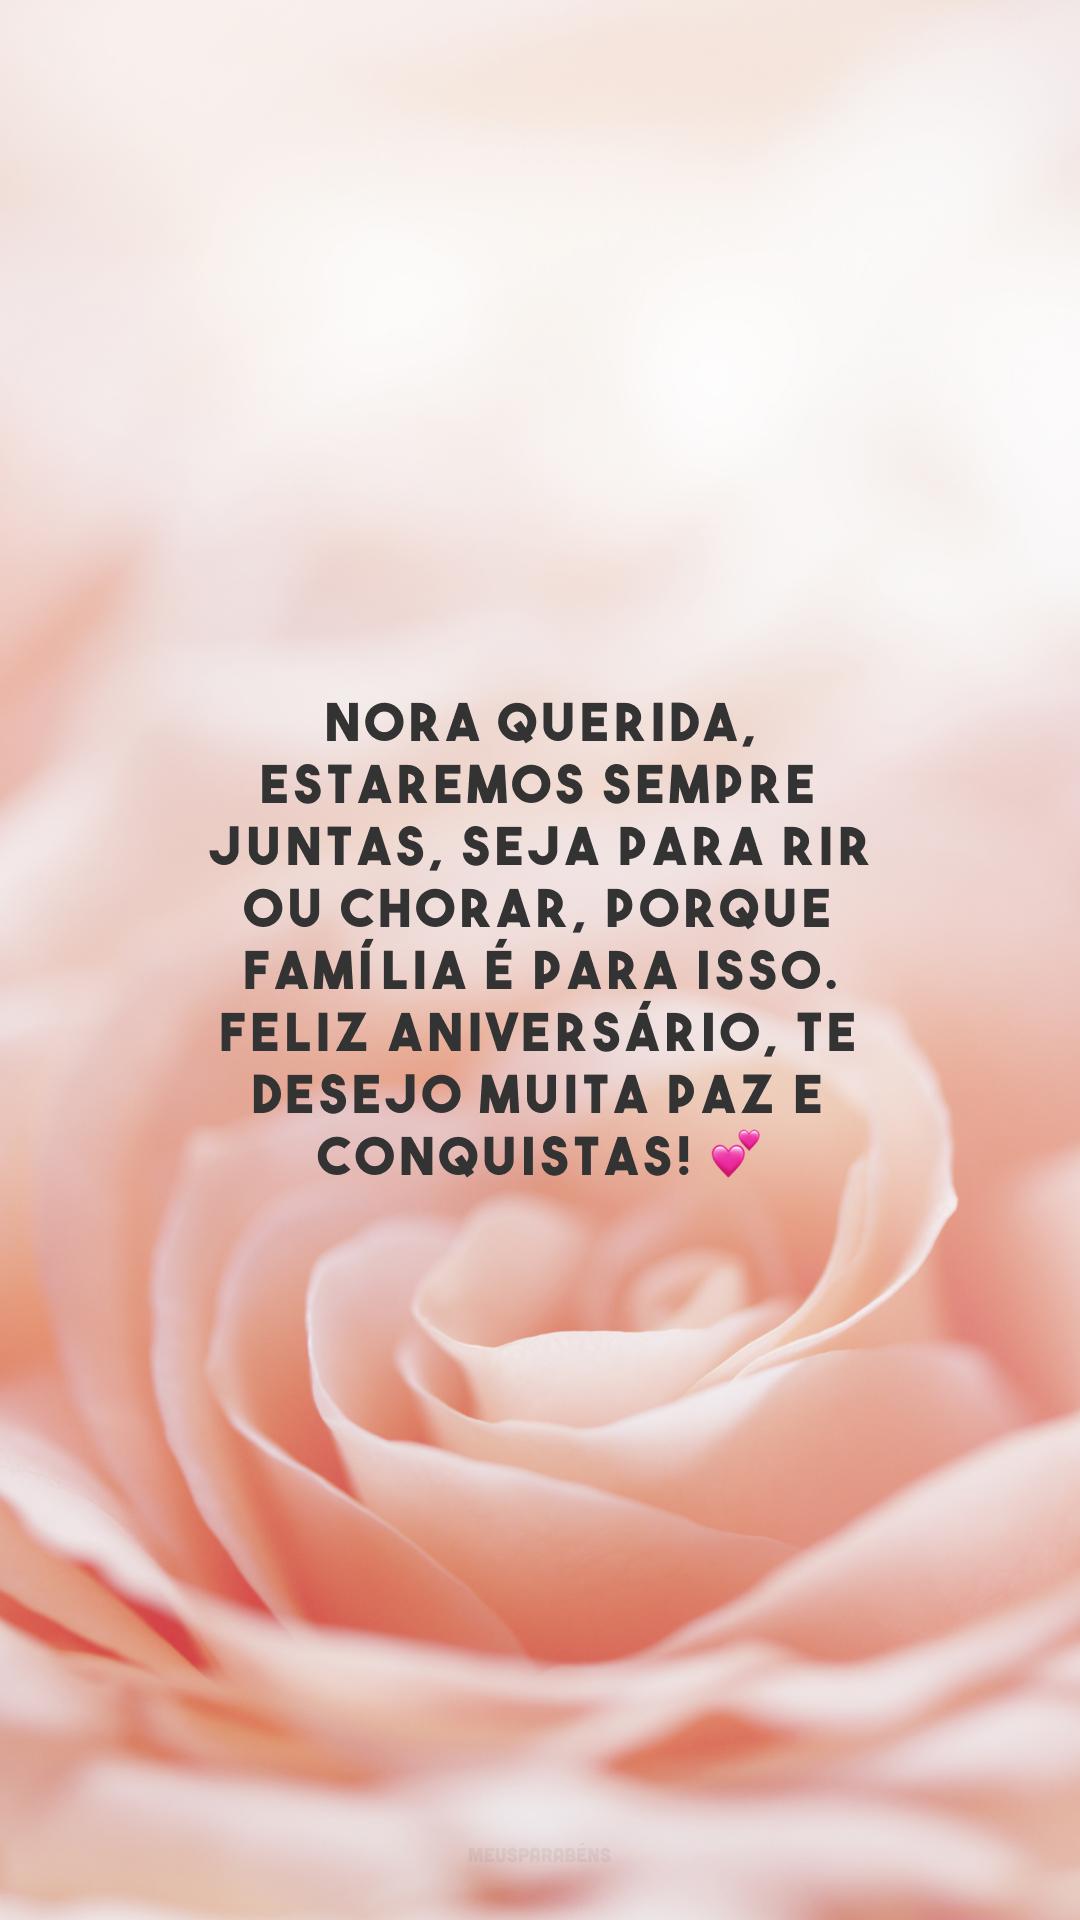 Nora querida, estaremos sempre juntas, seja para rir ou chorar, porque família é para isso. Feliz aniversário, te desejo muita paz e conquistas! 💕